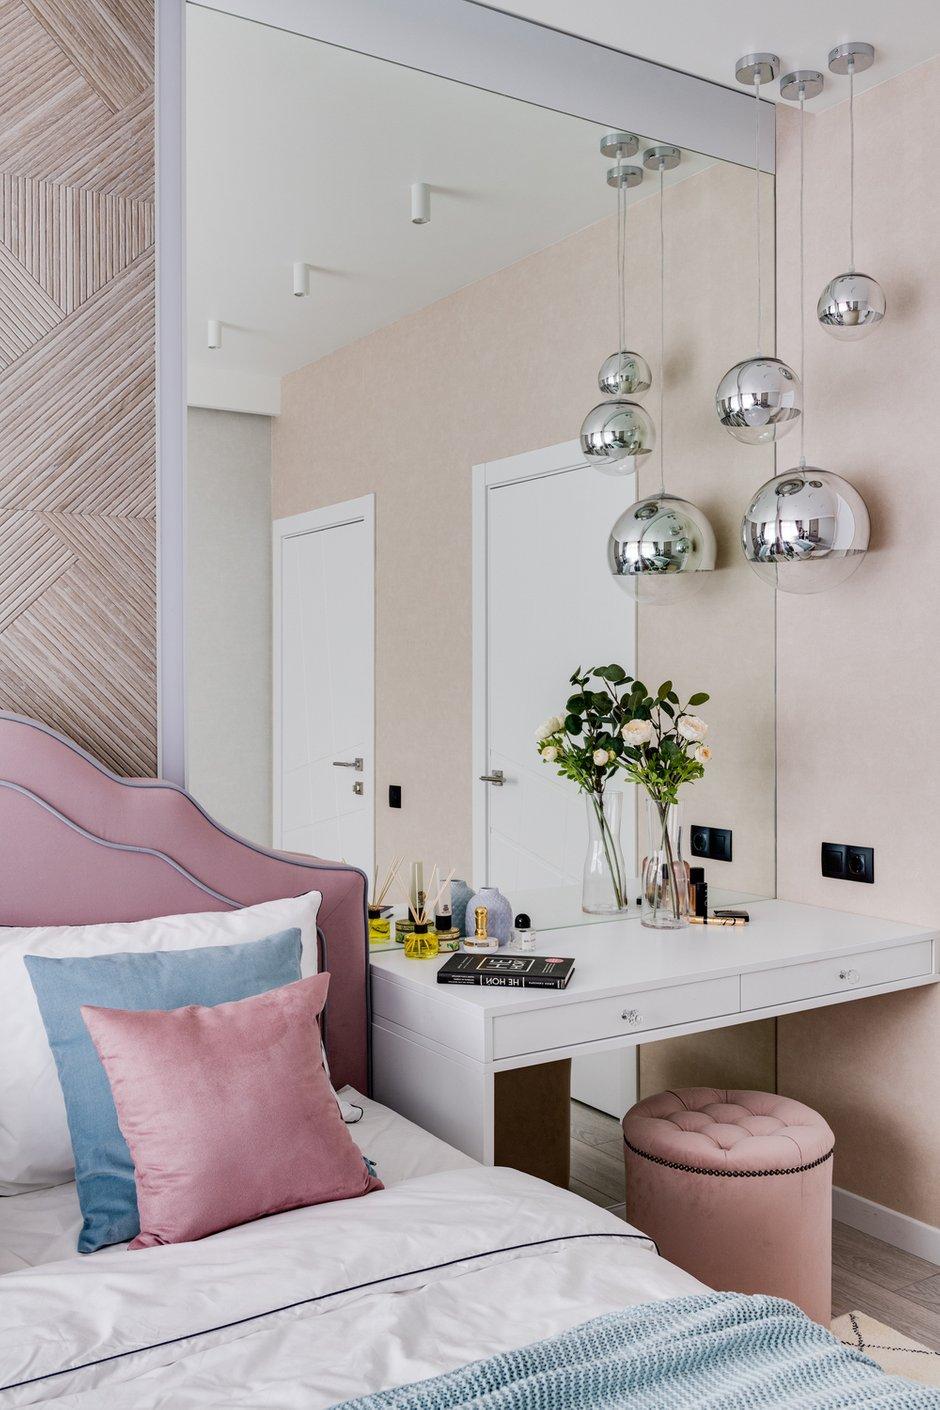 Фотография: Спальня в стиле Современный, Квартира, Проект недели, Мытищи, 4 и больше, Более 90 метров, Анна Шаповалова – фото на INMYROOM